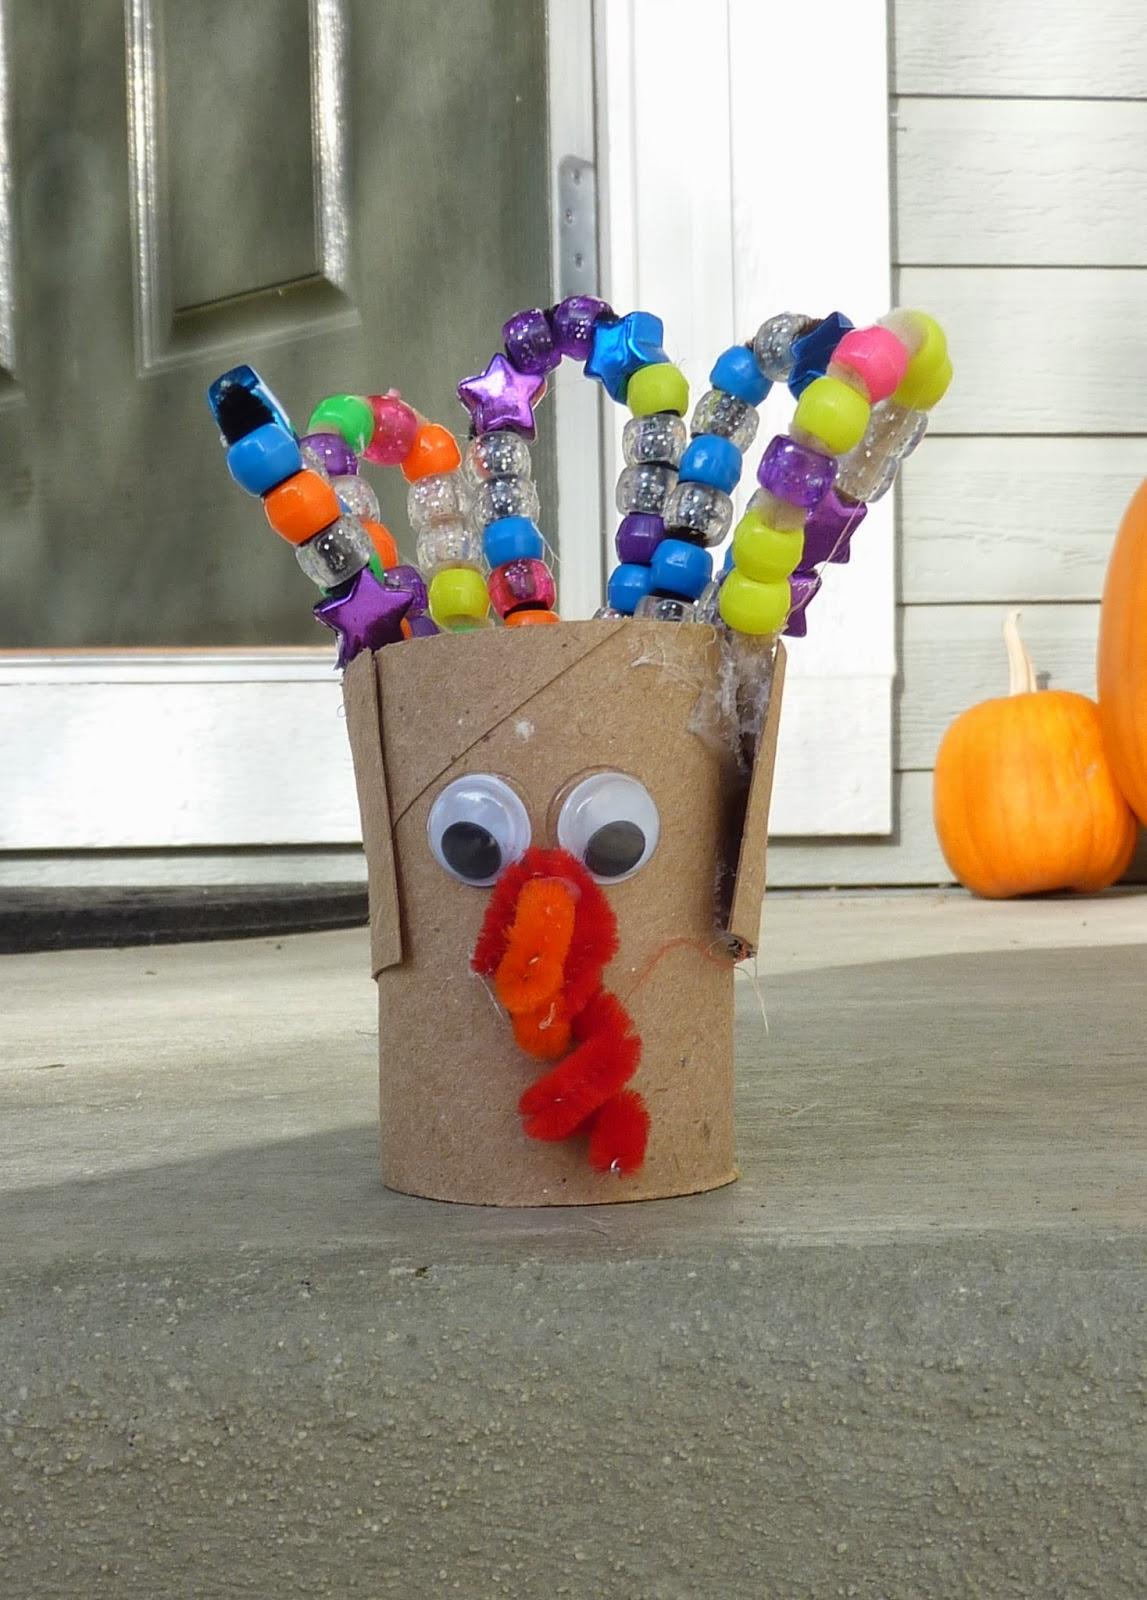 http://aztoid.blogspot.com/2013/12/tot-school-thanksgiving-and-turkeys.html